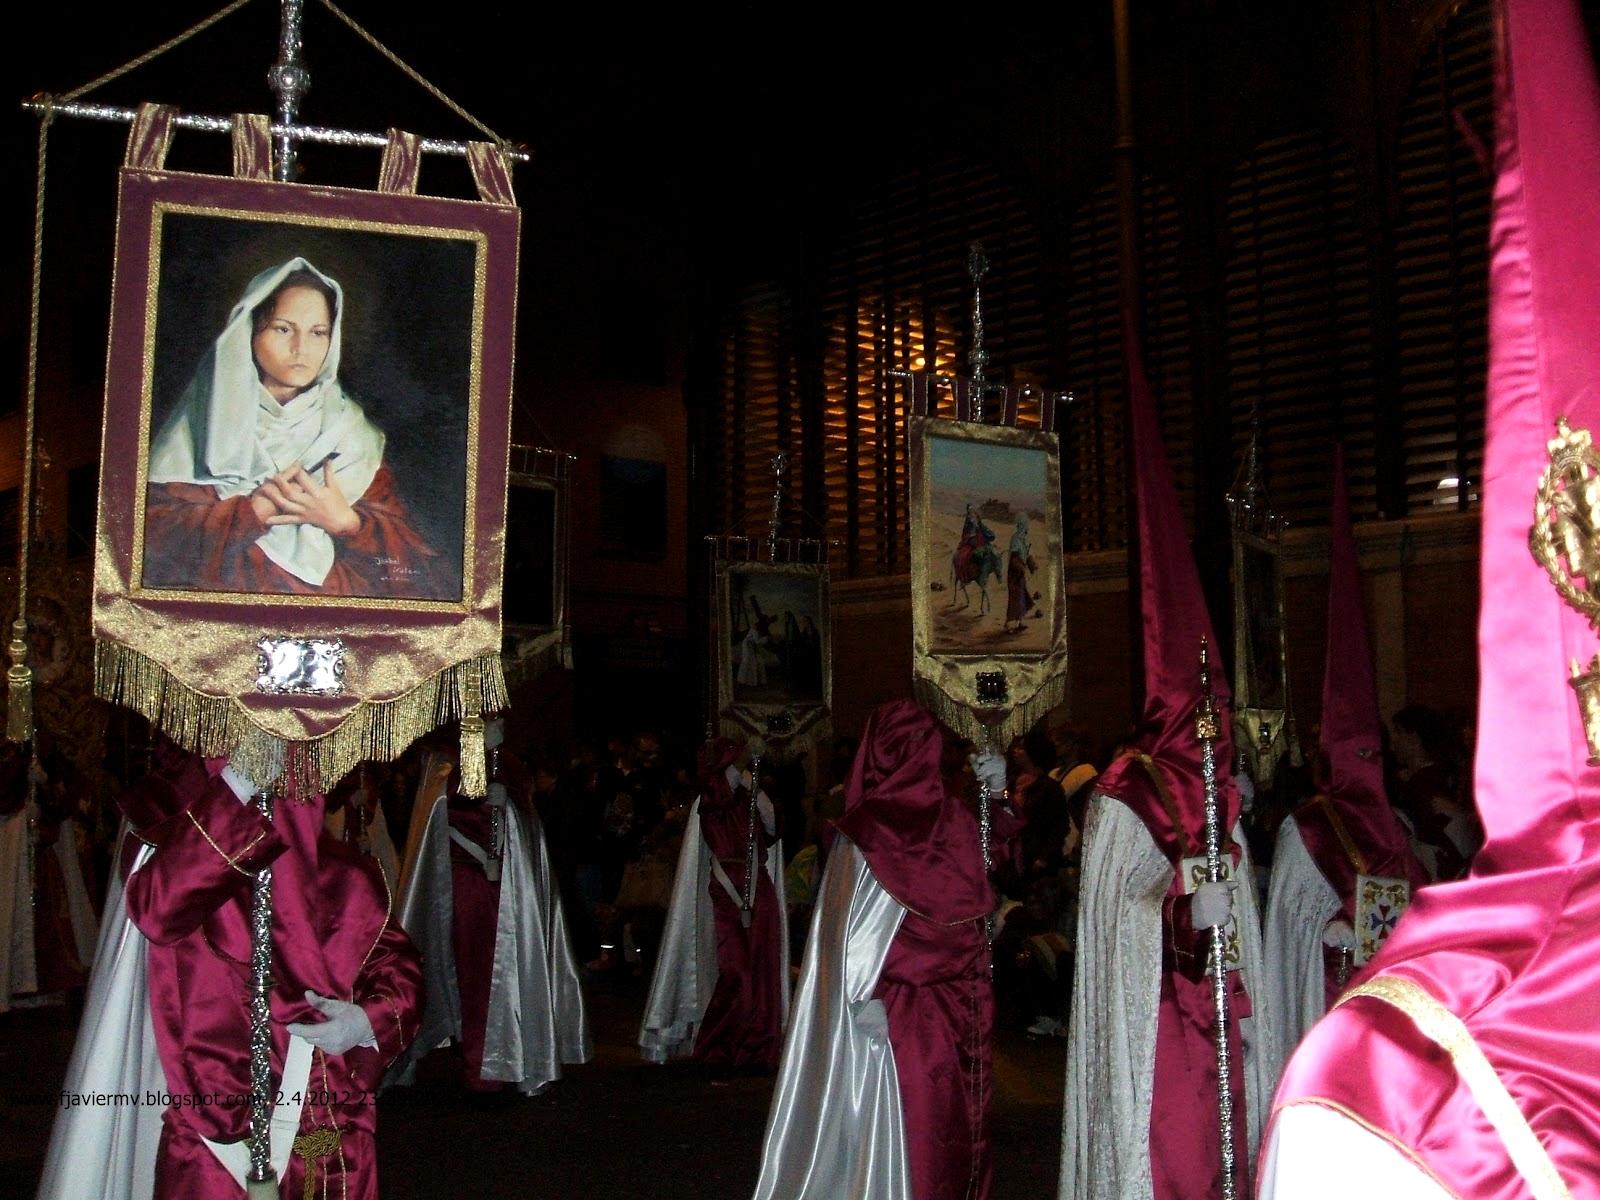 Coronilla de los Siete Dolores de María, Revelada a Santa Brígida